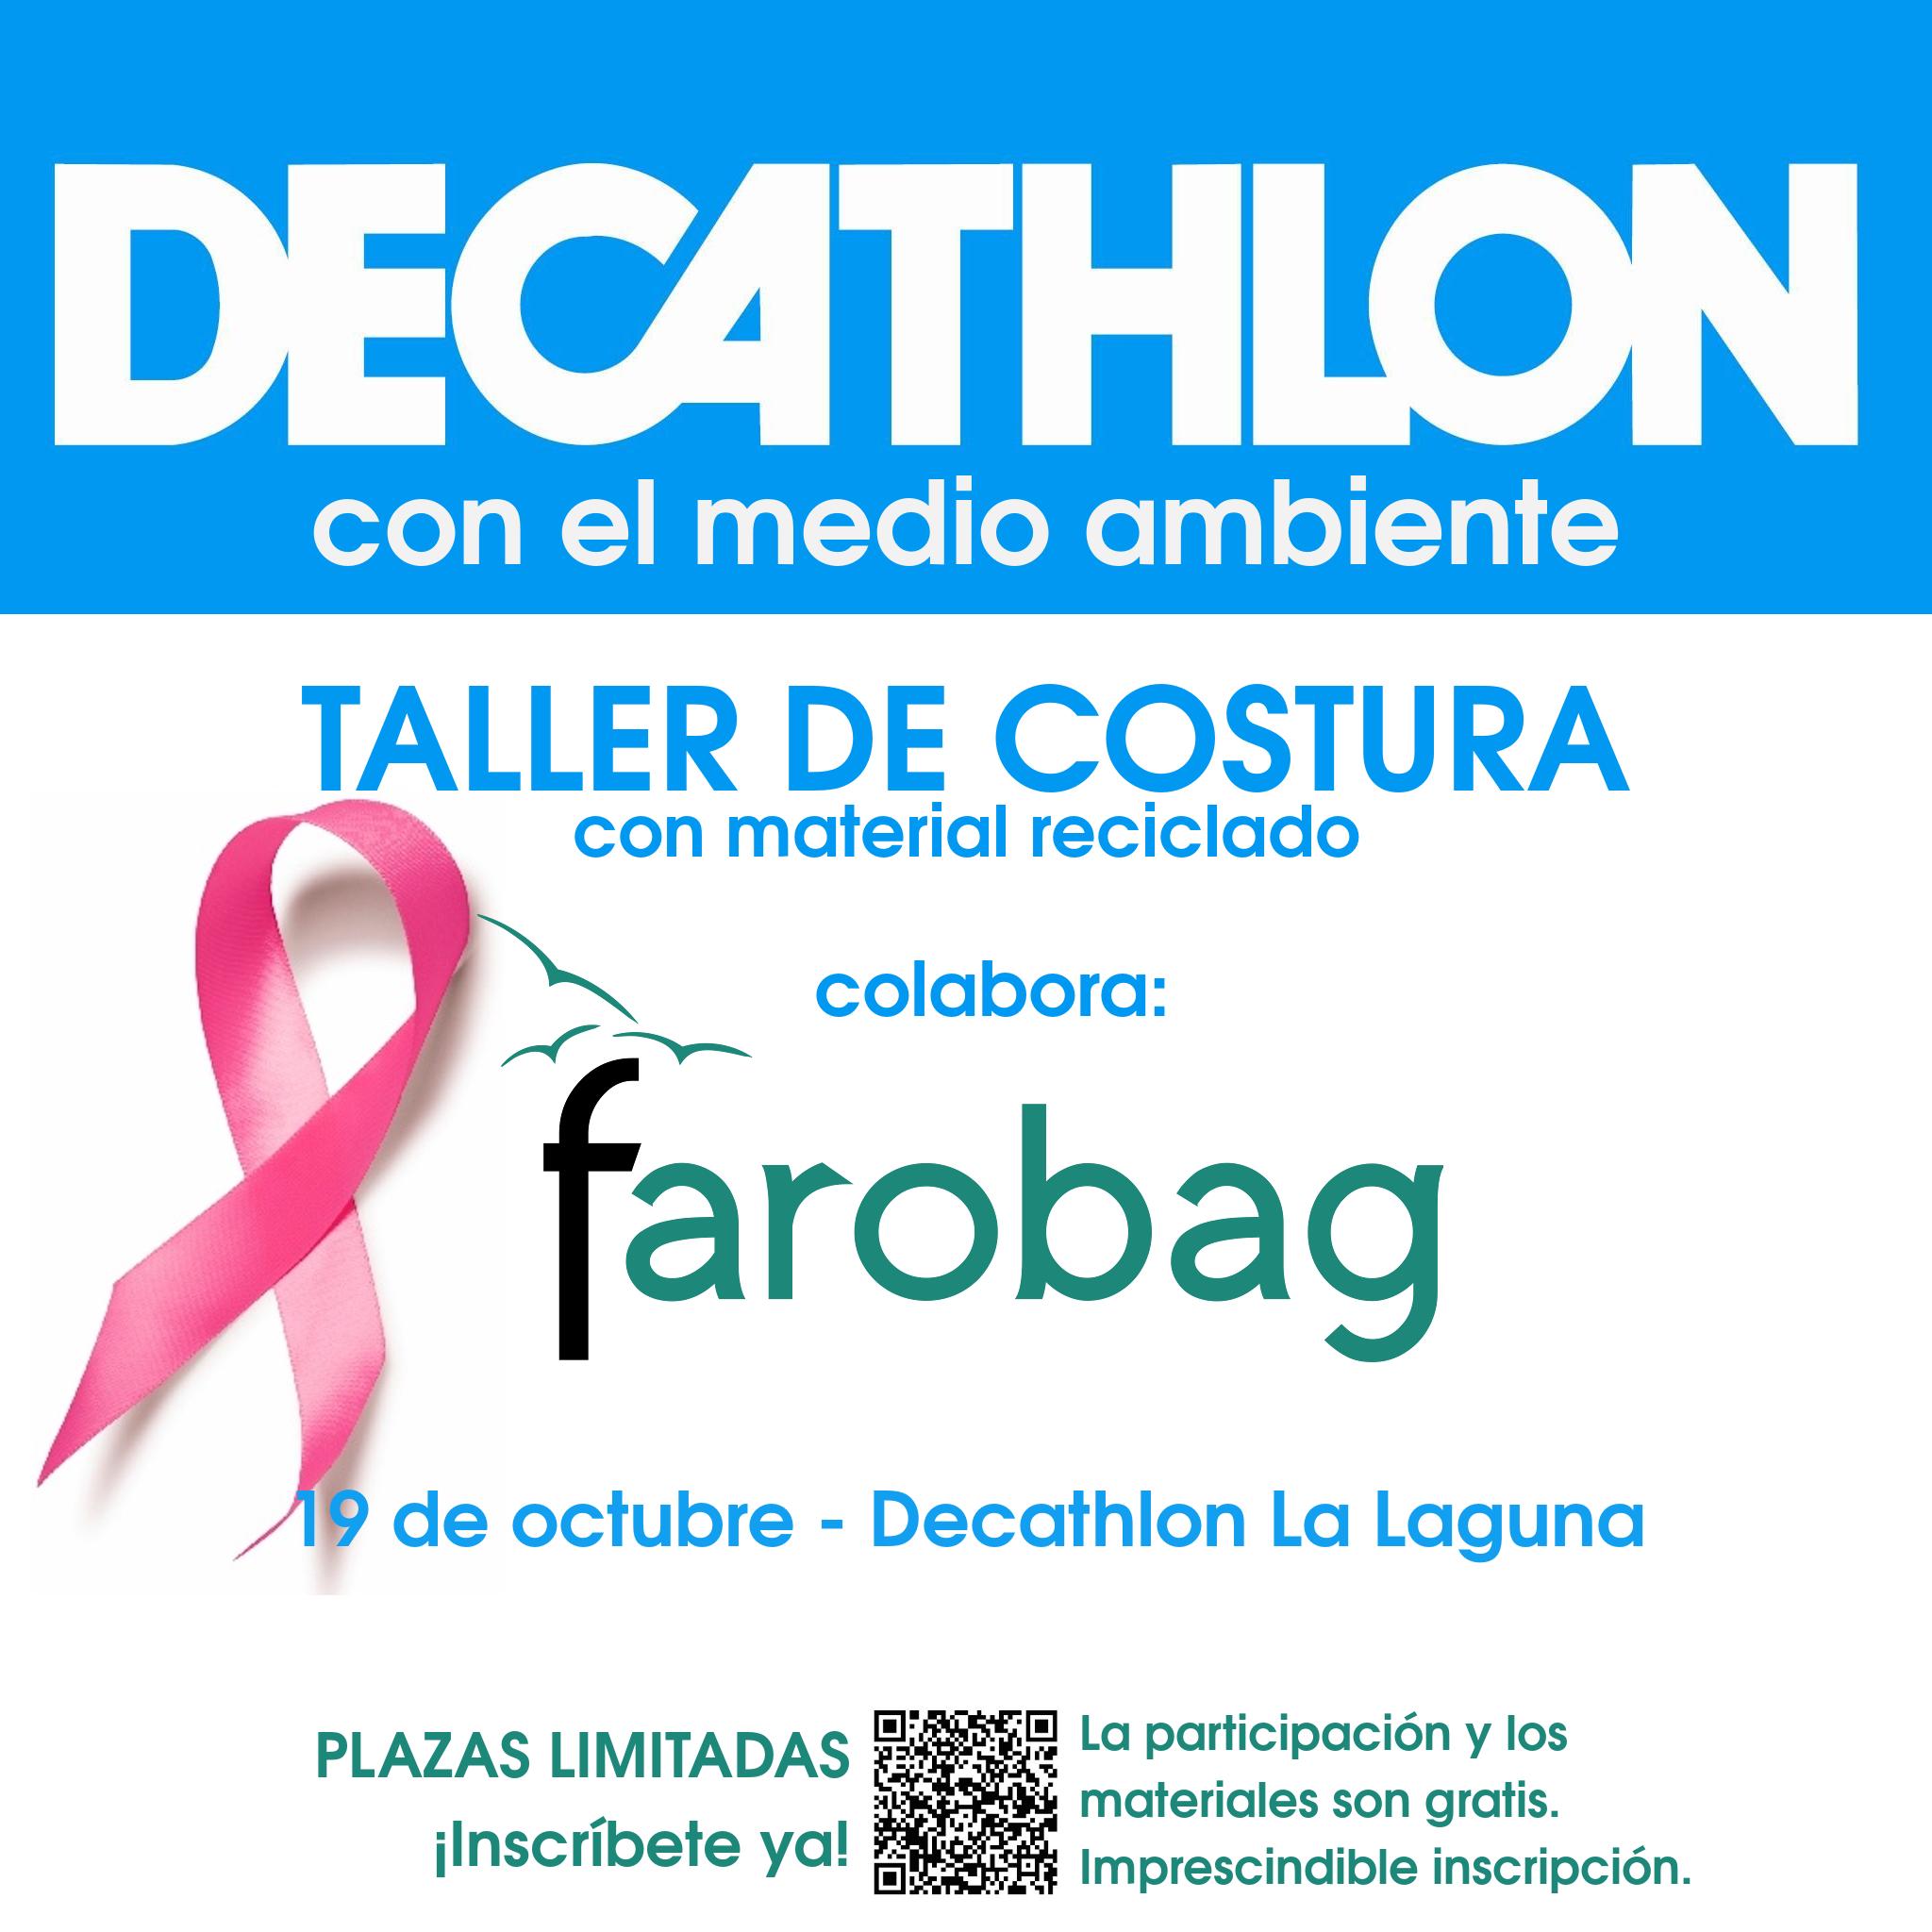 cartel o póster anuncio del taller de costura en Decathlon con fecha y lugar donde se celebra